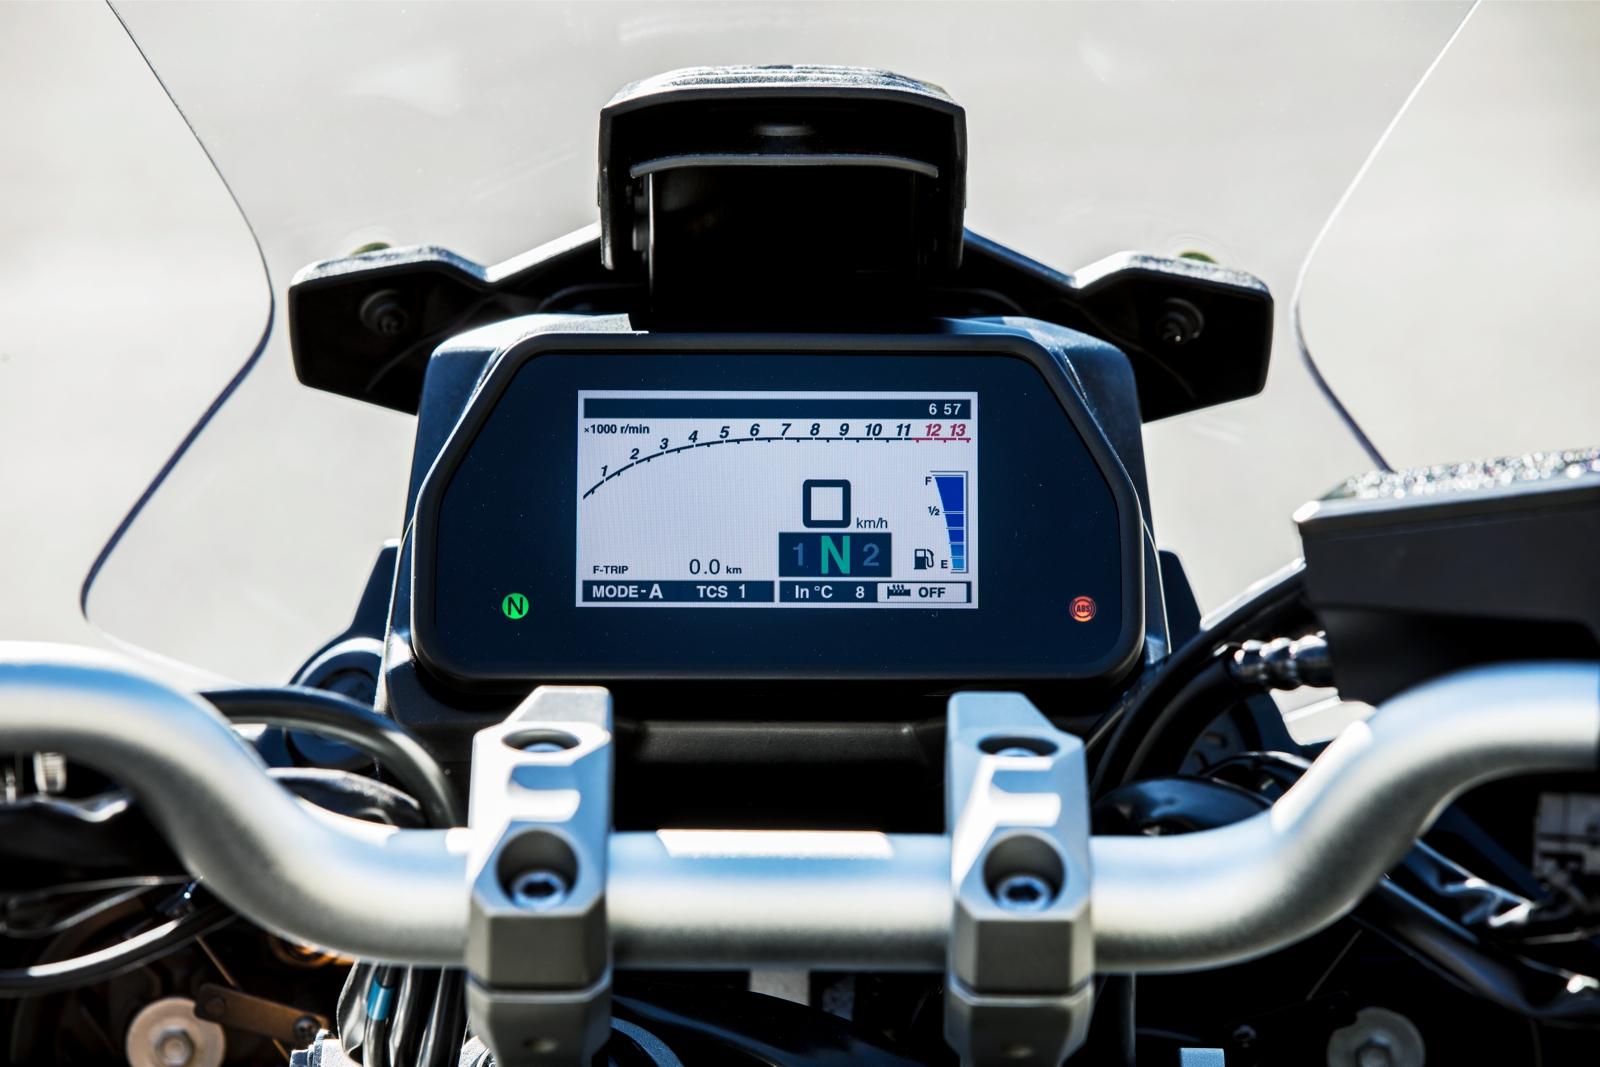 sur des pieds à la clientèle d'abord meilleure sélection de 2019 Essai Yamaha Tracer 900 et Tracer 900 GT 2018 : s'apprivoiser